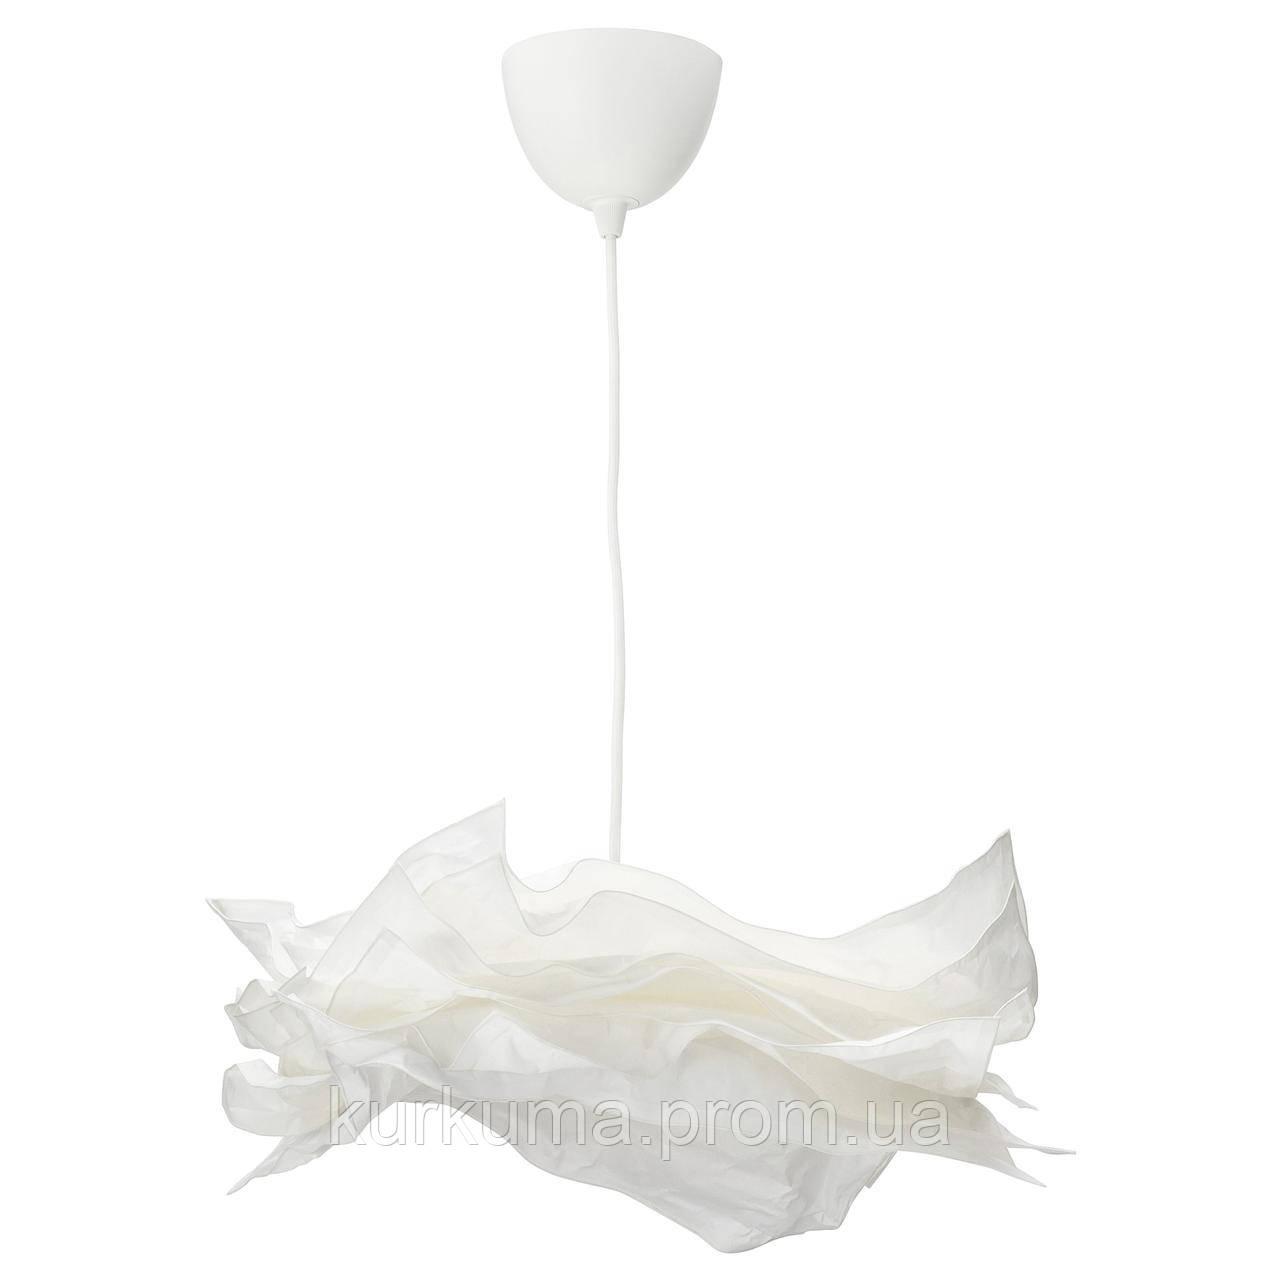 IKEA KRUSNING/SEKOND Підвісний світильник, білий, тканина білий (192.919.28)